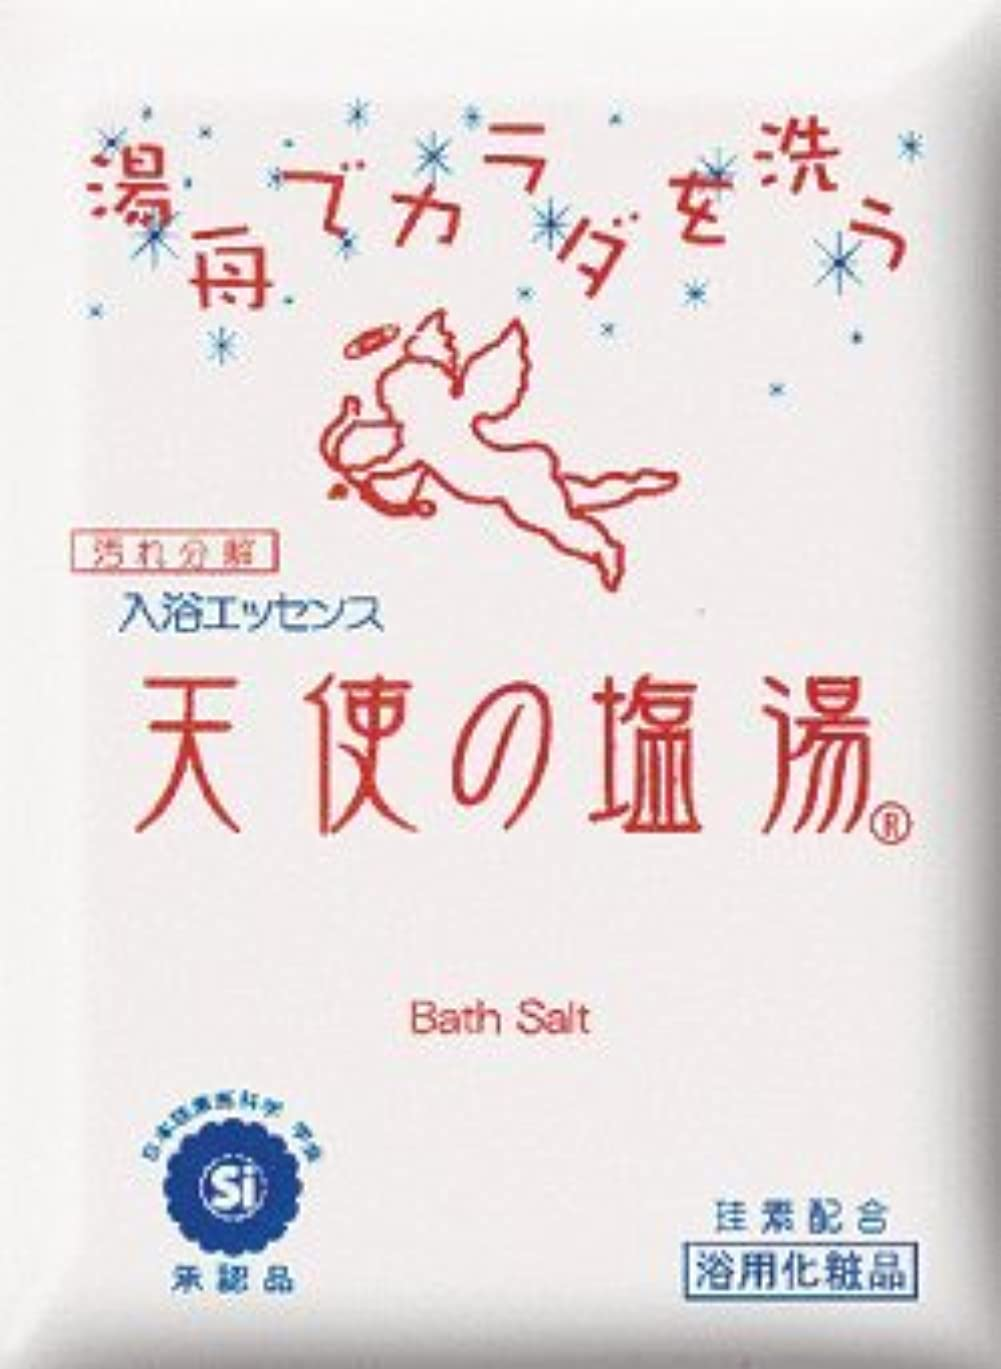 かもしれない蒸気リットル天使の塩湯 (70g×20袋) 3個セット ※浴槽でカラダを洗う!入浴エッセンス!